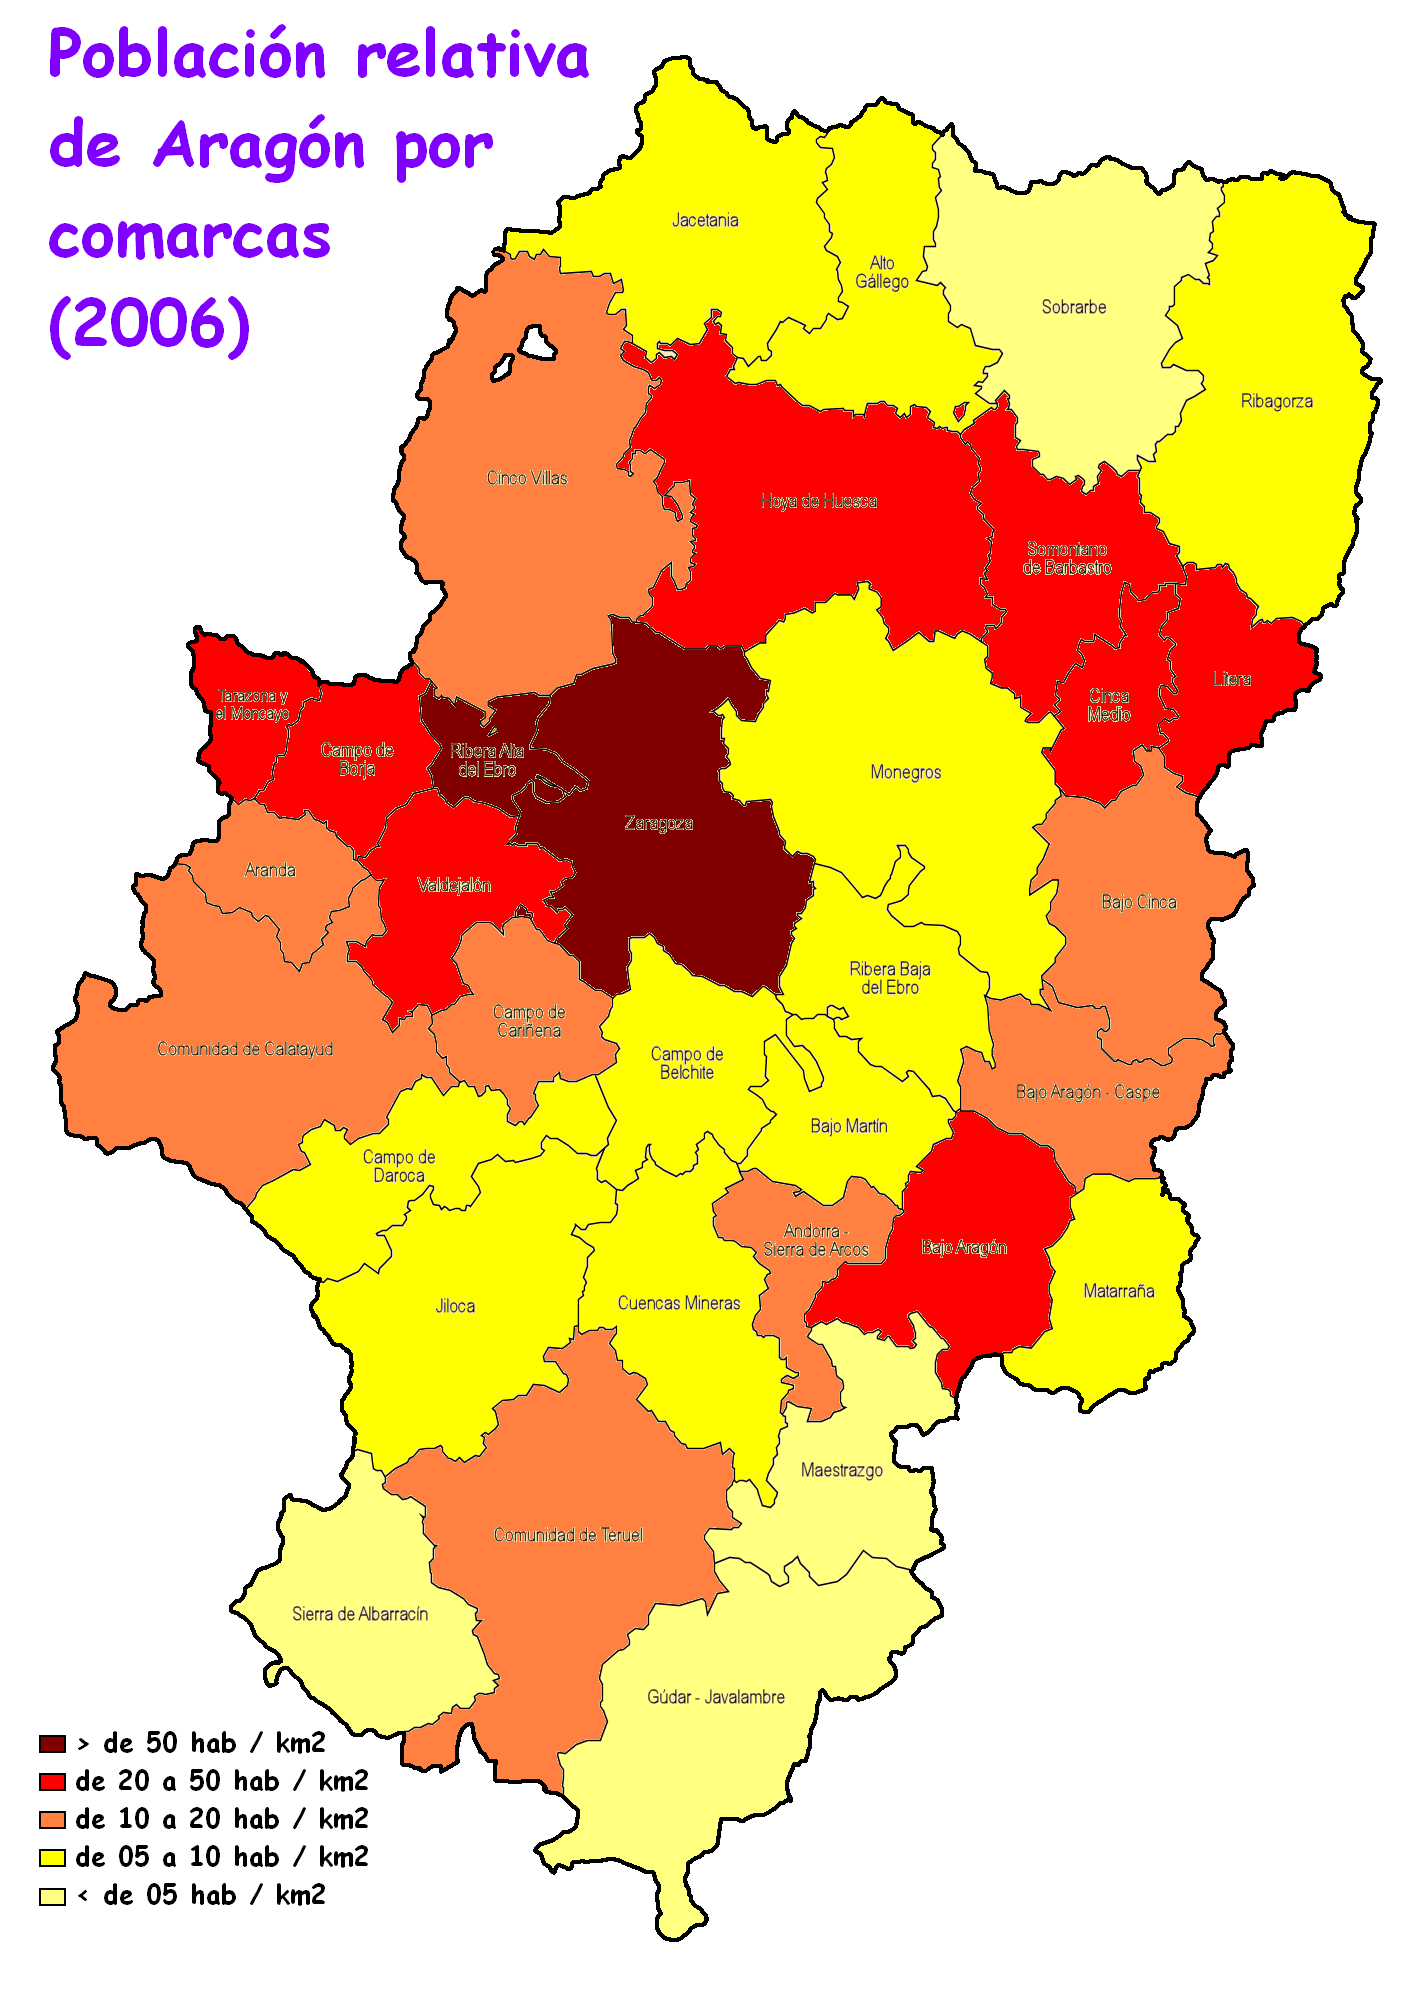 Población de Aragón 2006